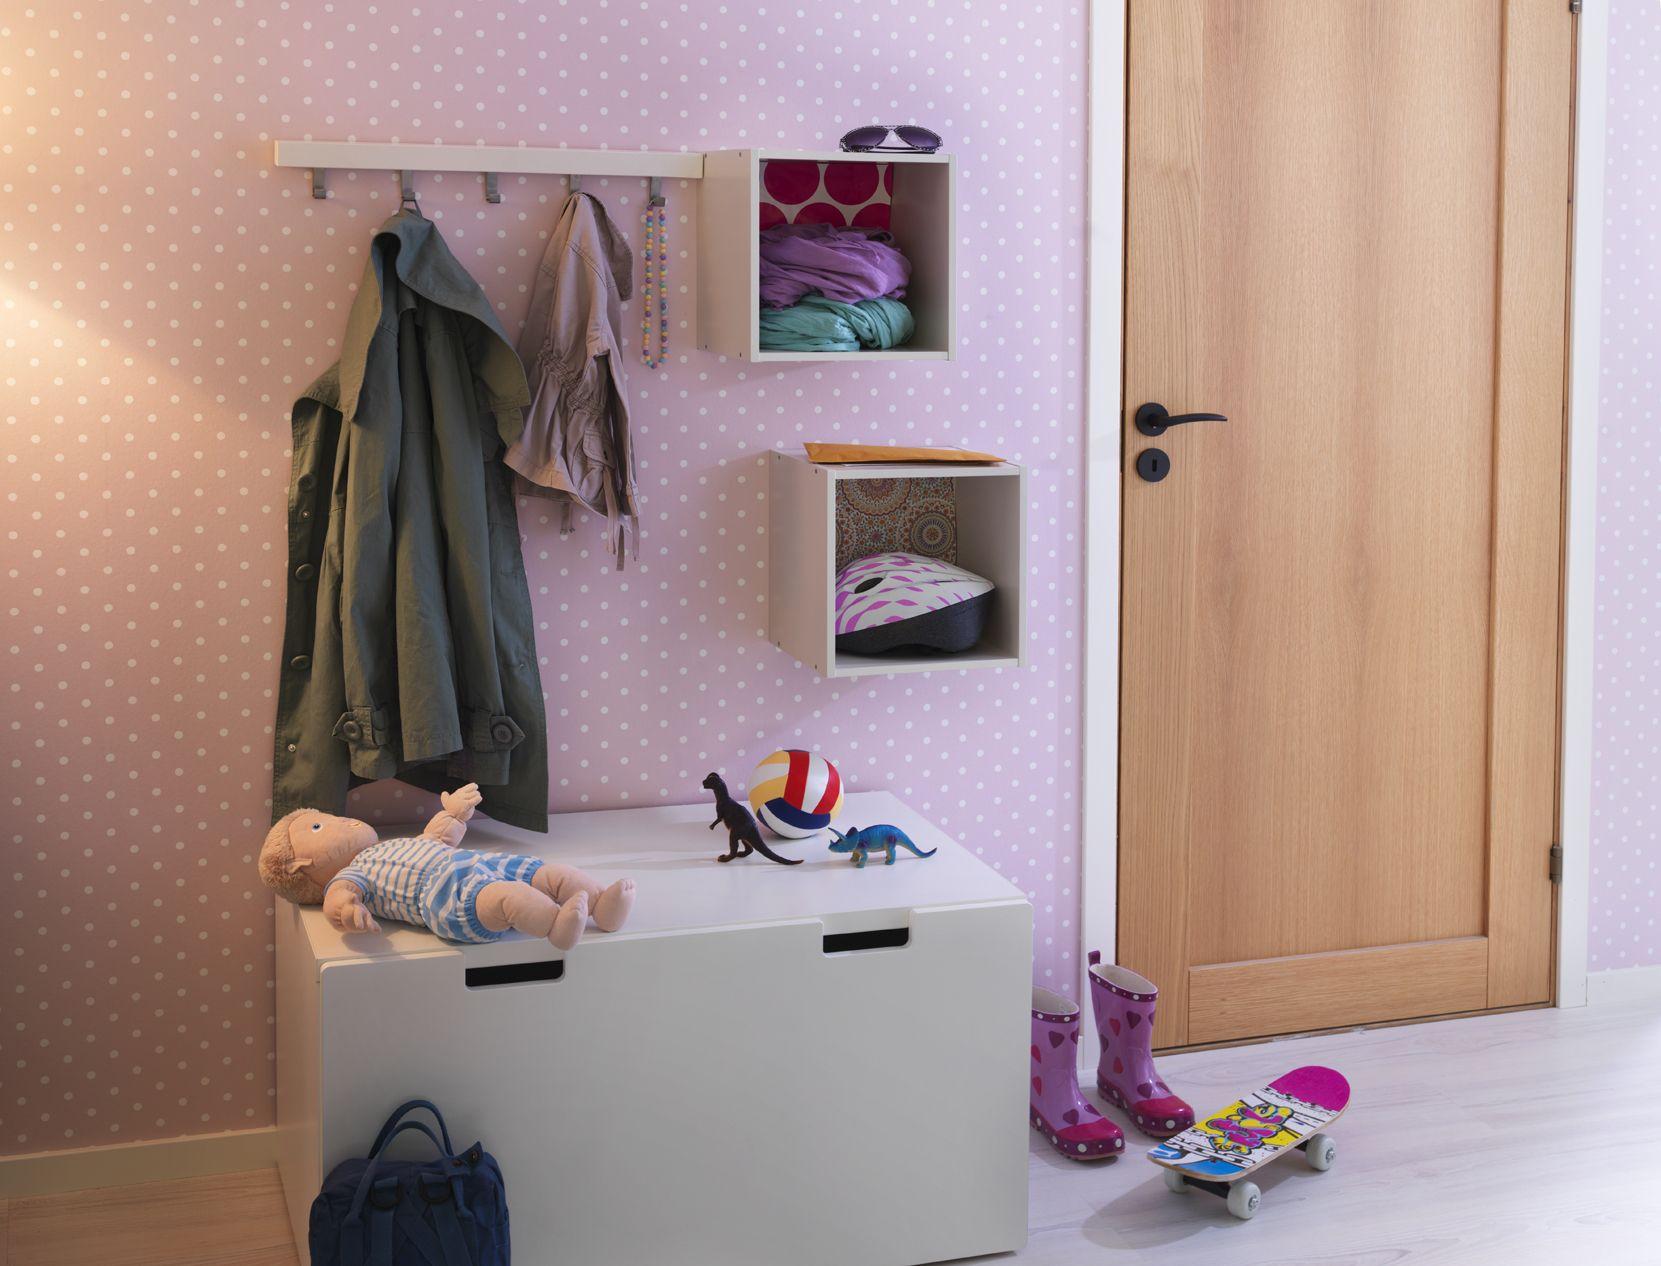 Ikea Aufbewahrung Kinder ikea österreich inspiration kinder aufbewahrung stuva